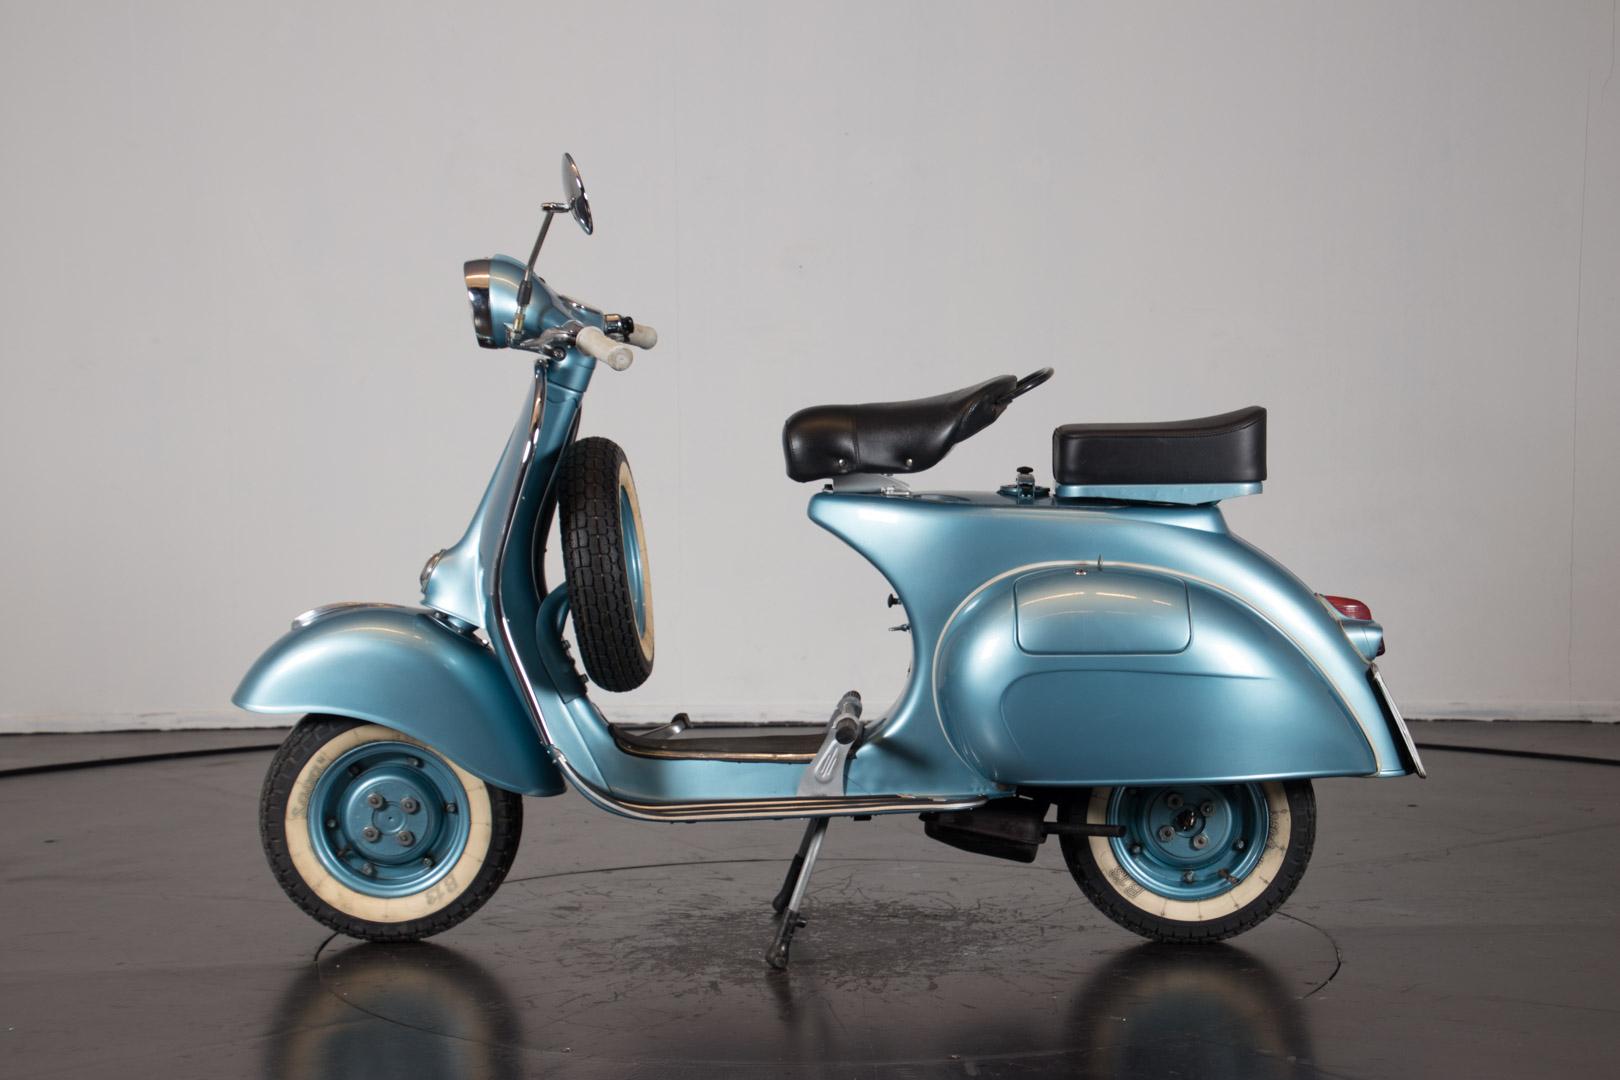 1959 piaggio vespa 150 ruote da sogno europas gr ter h ndler f r oldtimer automobile und. Black Bedroom Furniture Sets. Home Design Ideas